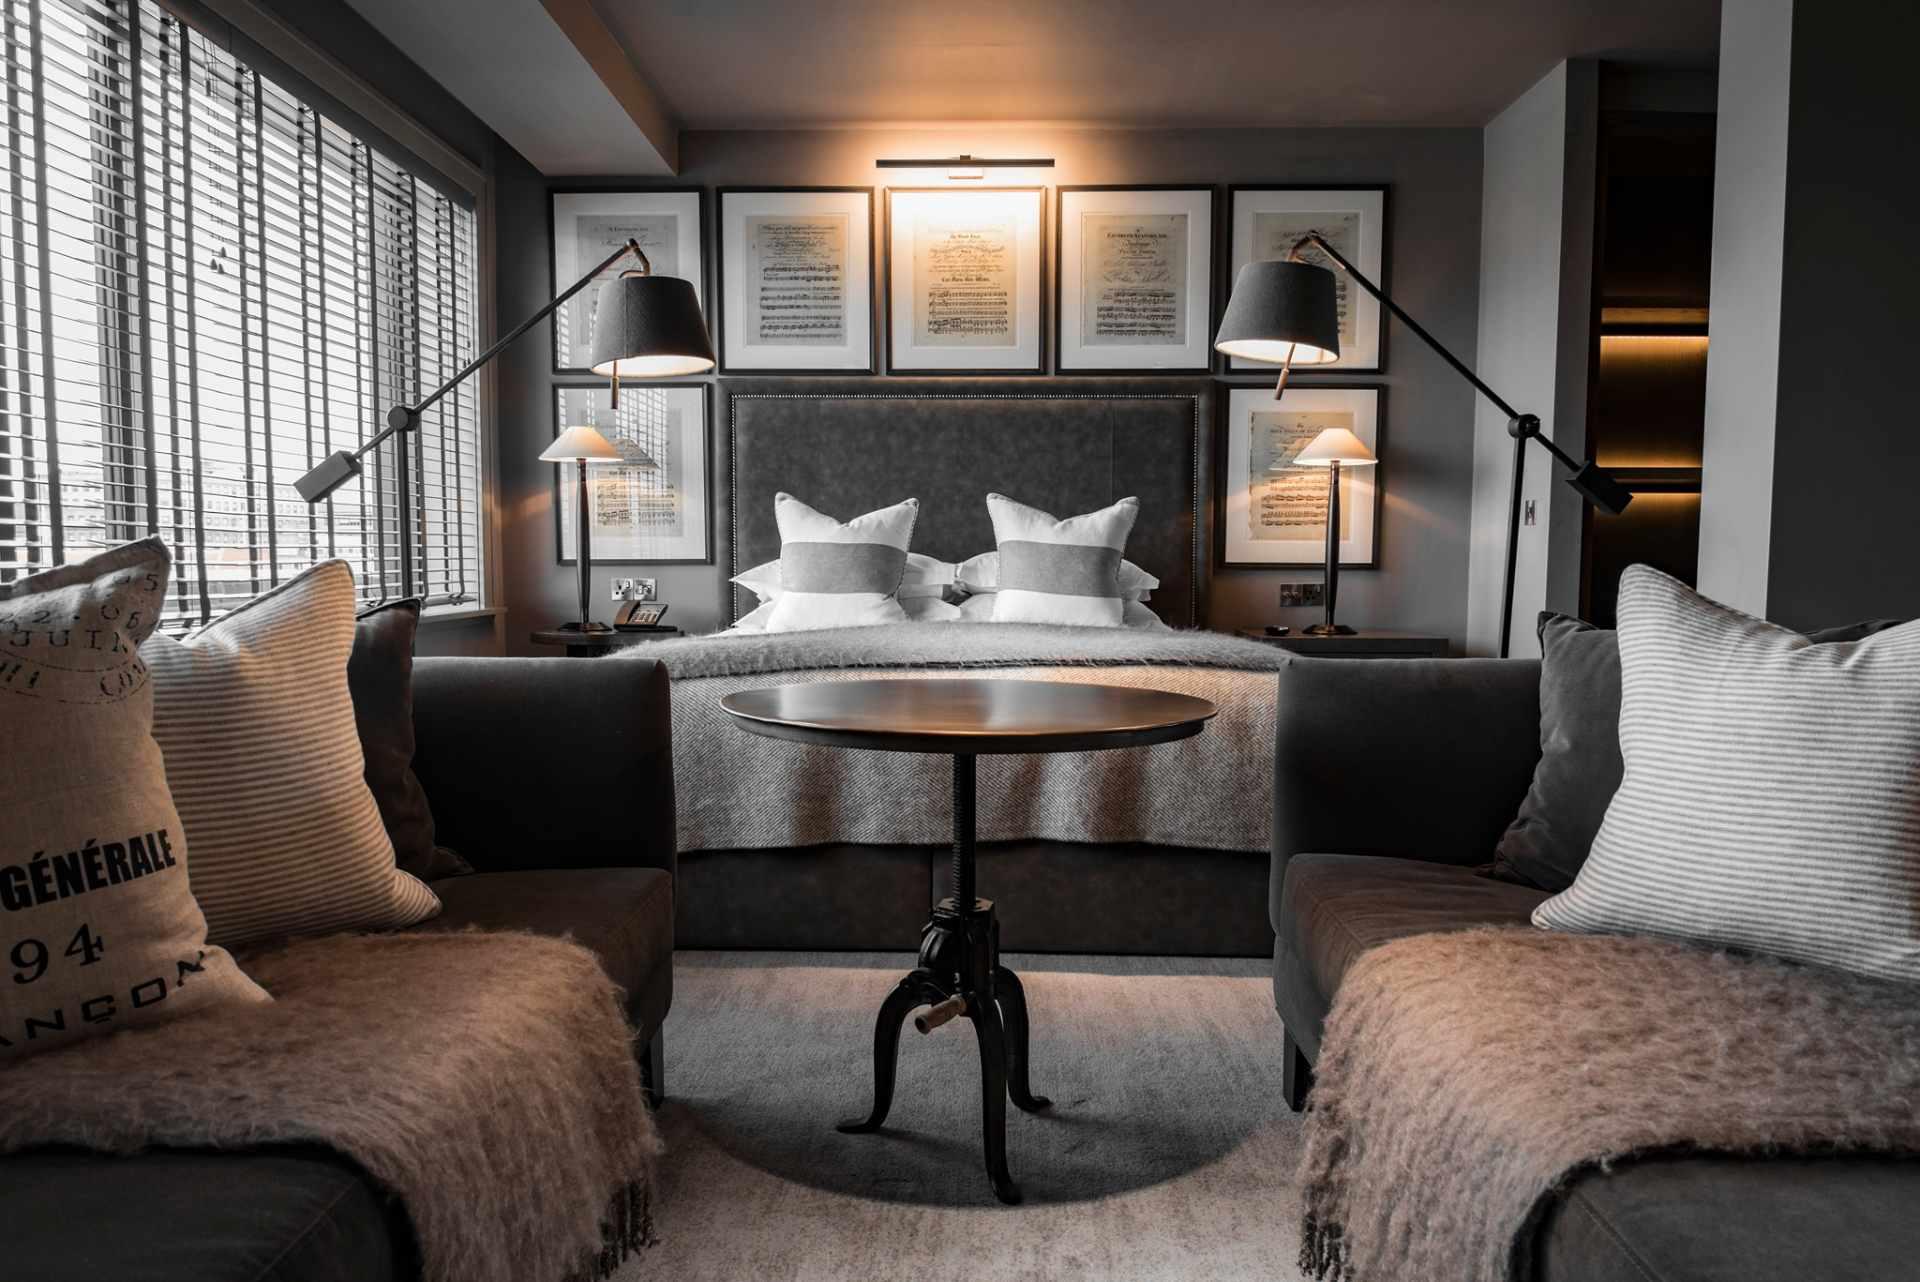 black-and-white-minimalist-hotel-room-at-dakota-leeds